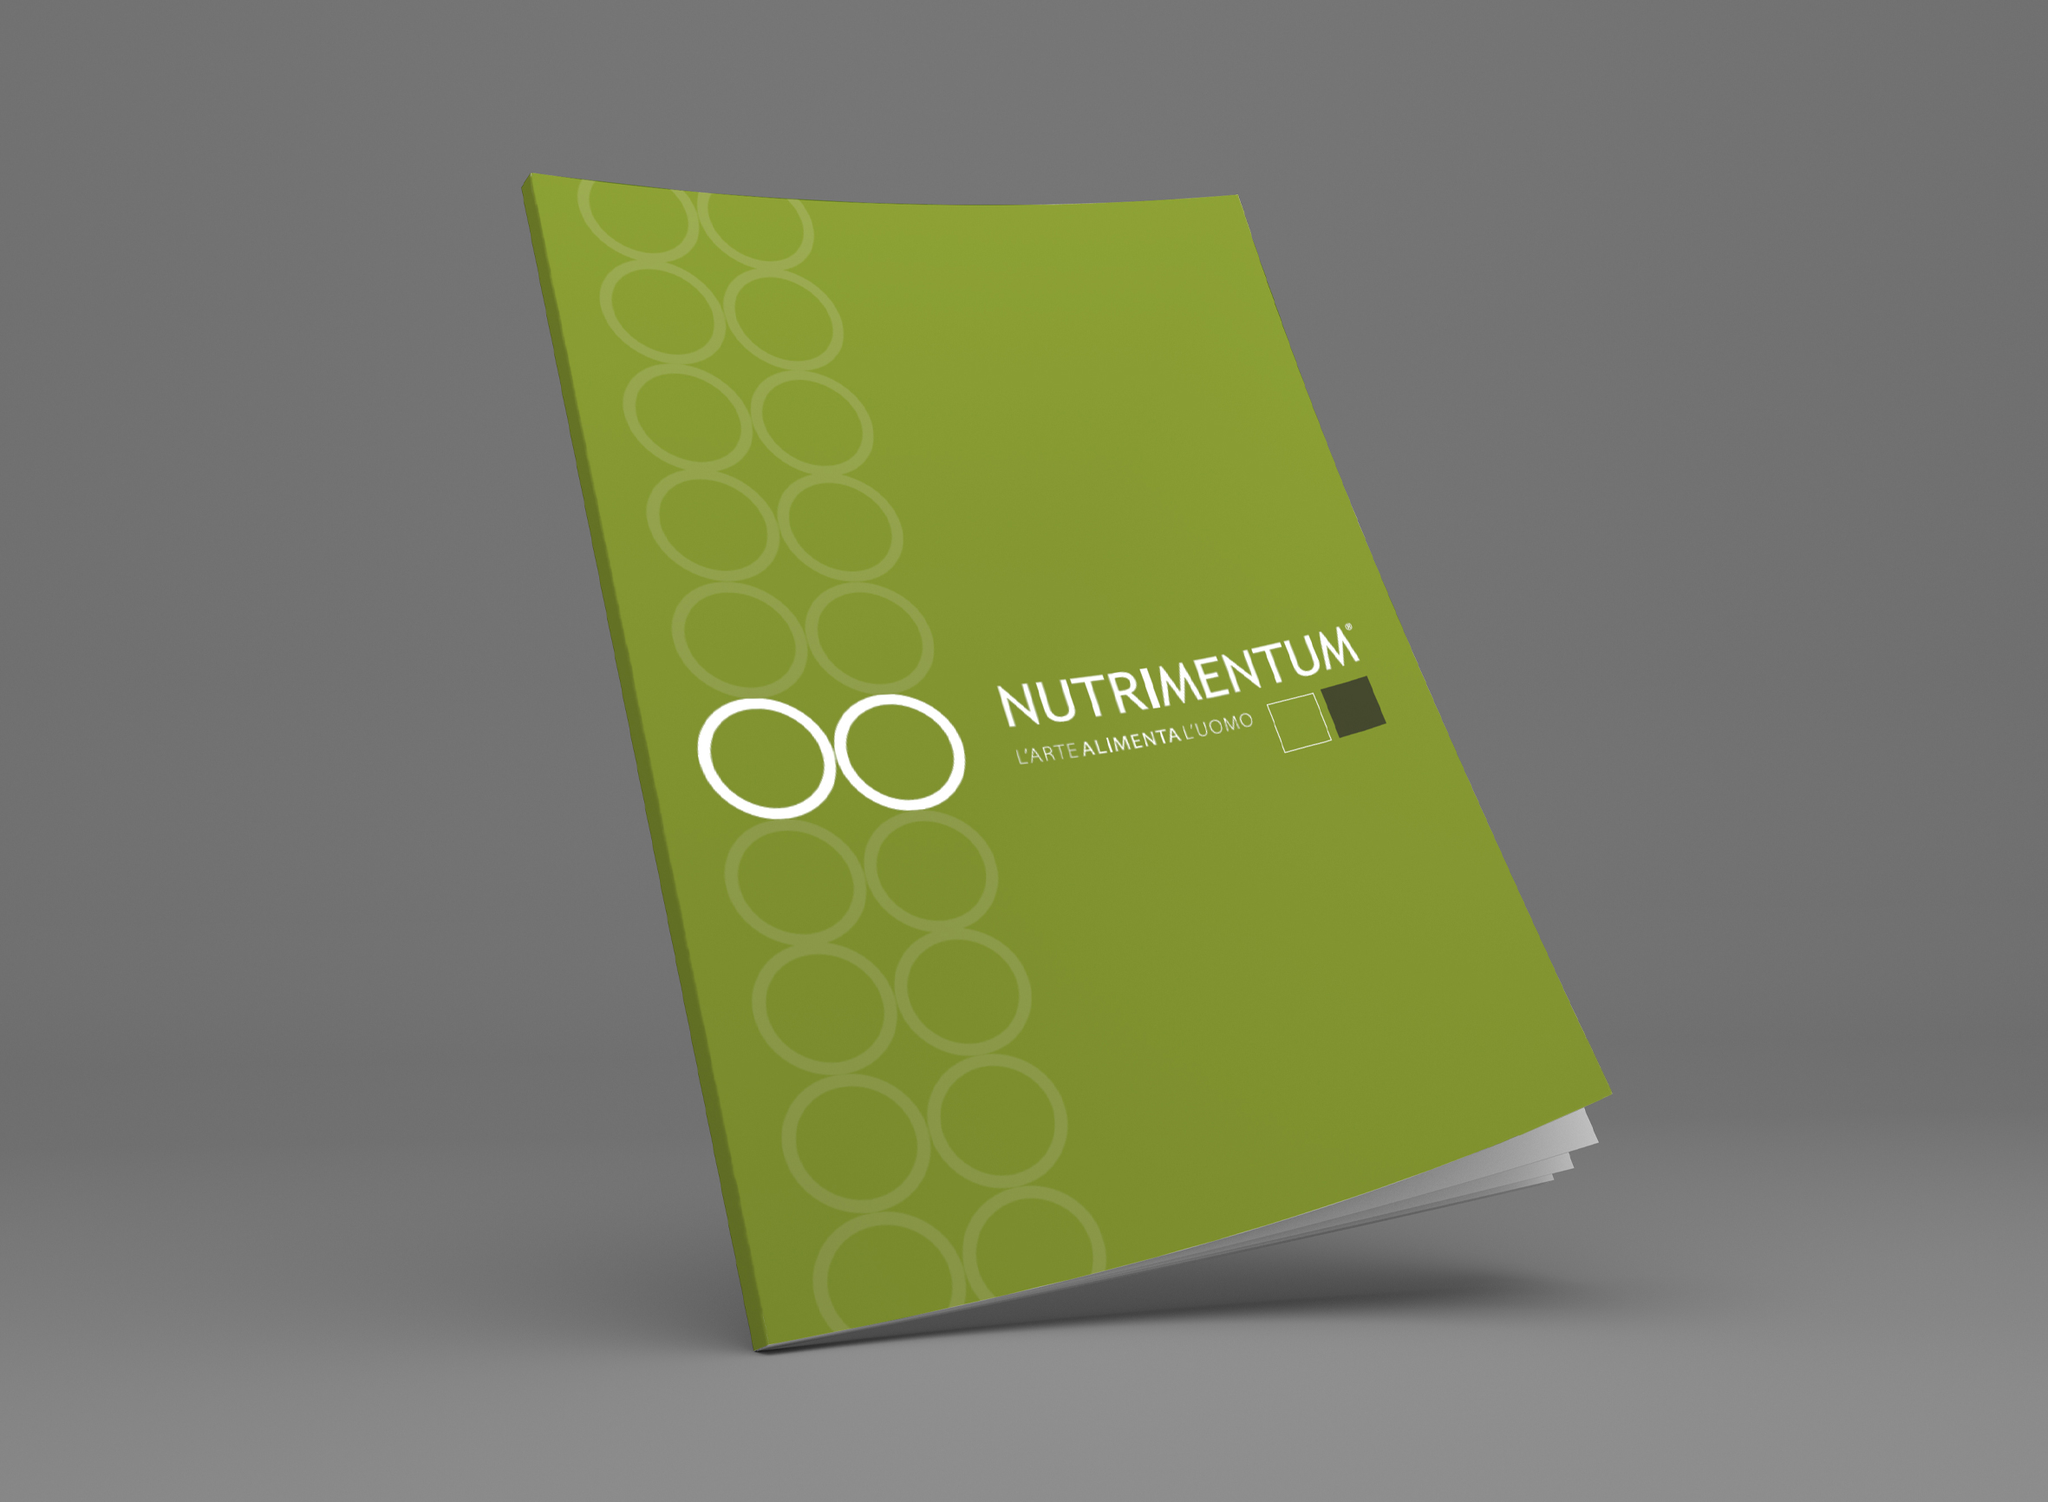 SC_Nutrimentum_catalogo_03